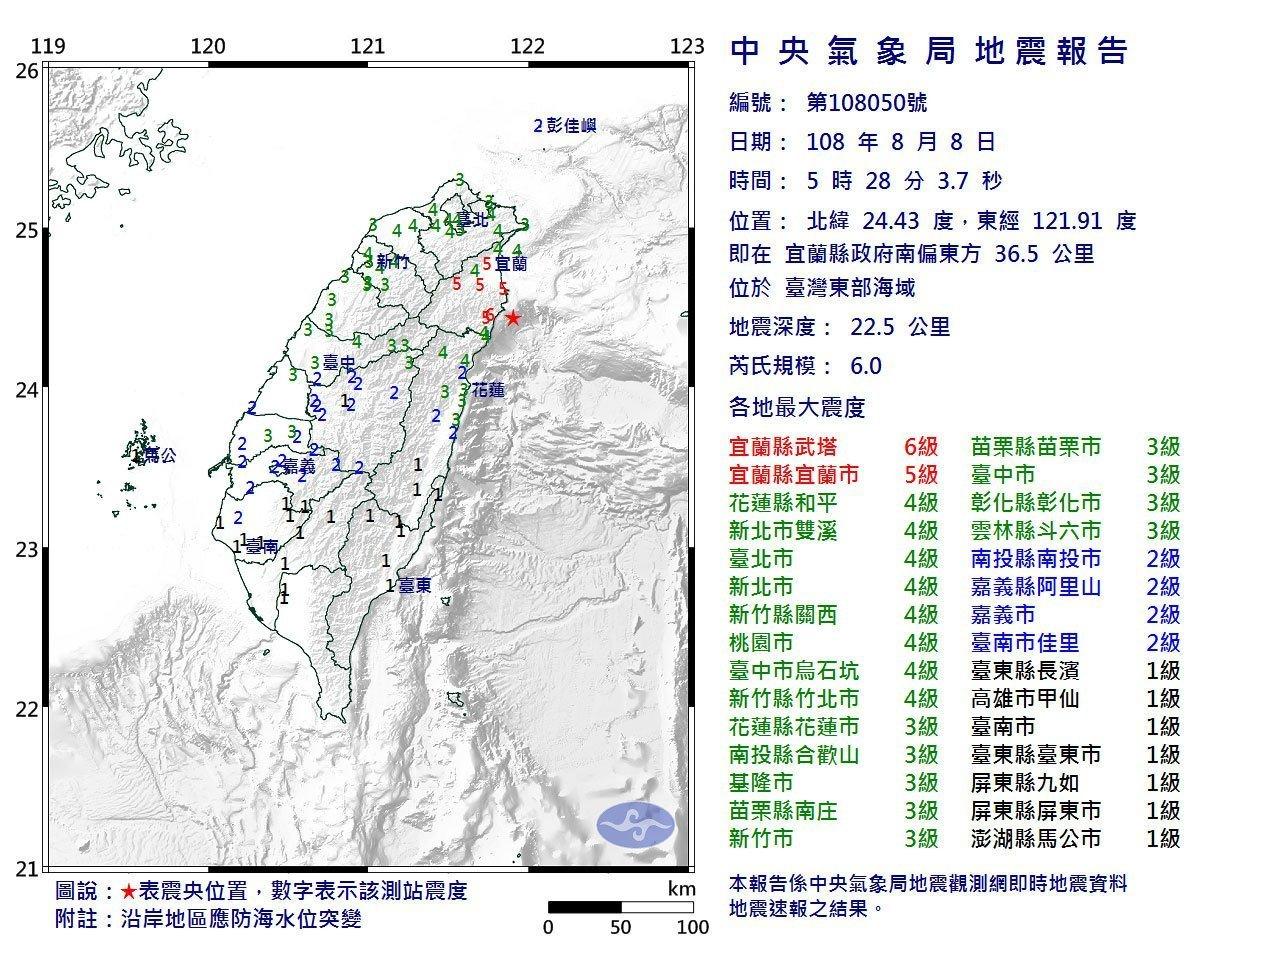 東部強震 氣象局:不排除還有超過規模6.0地震